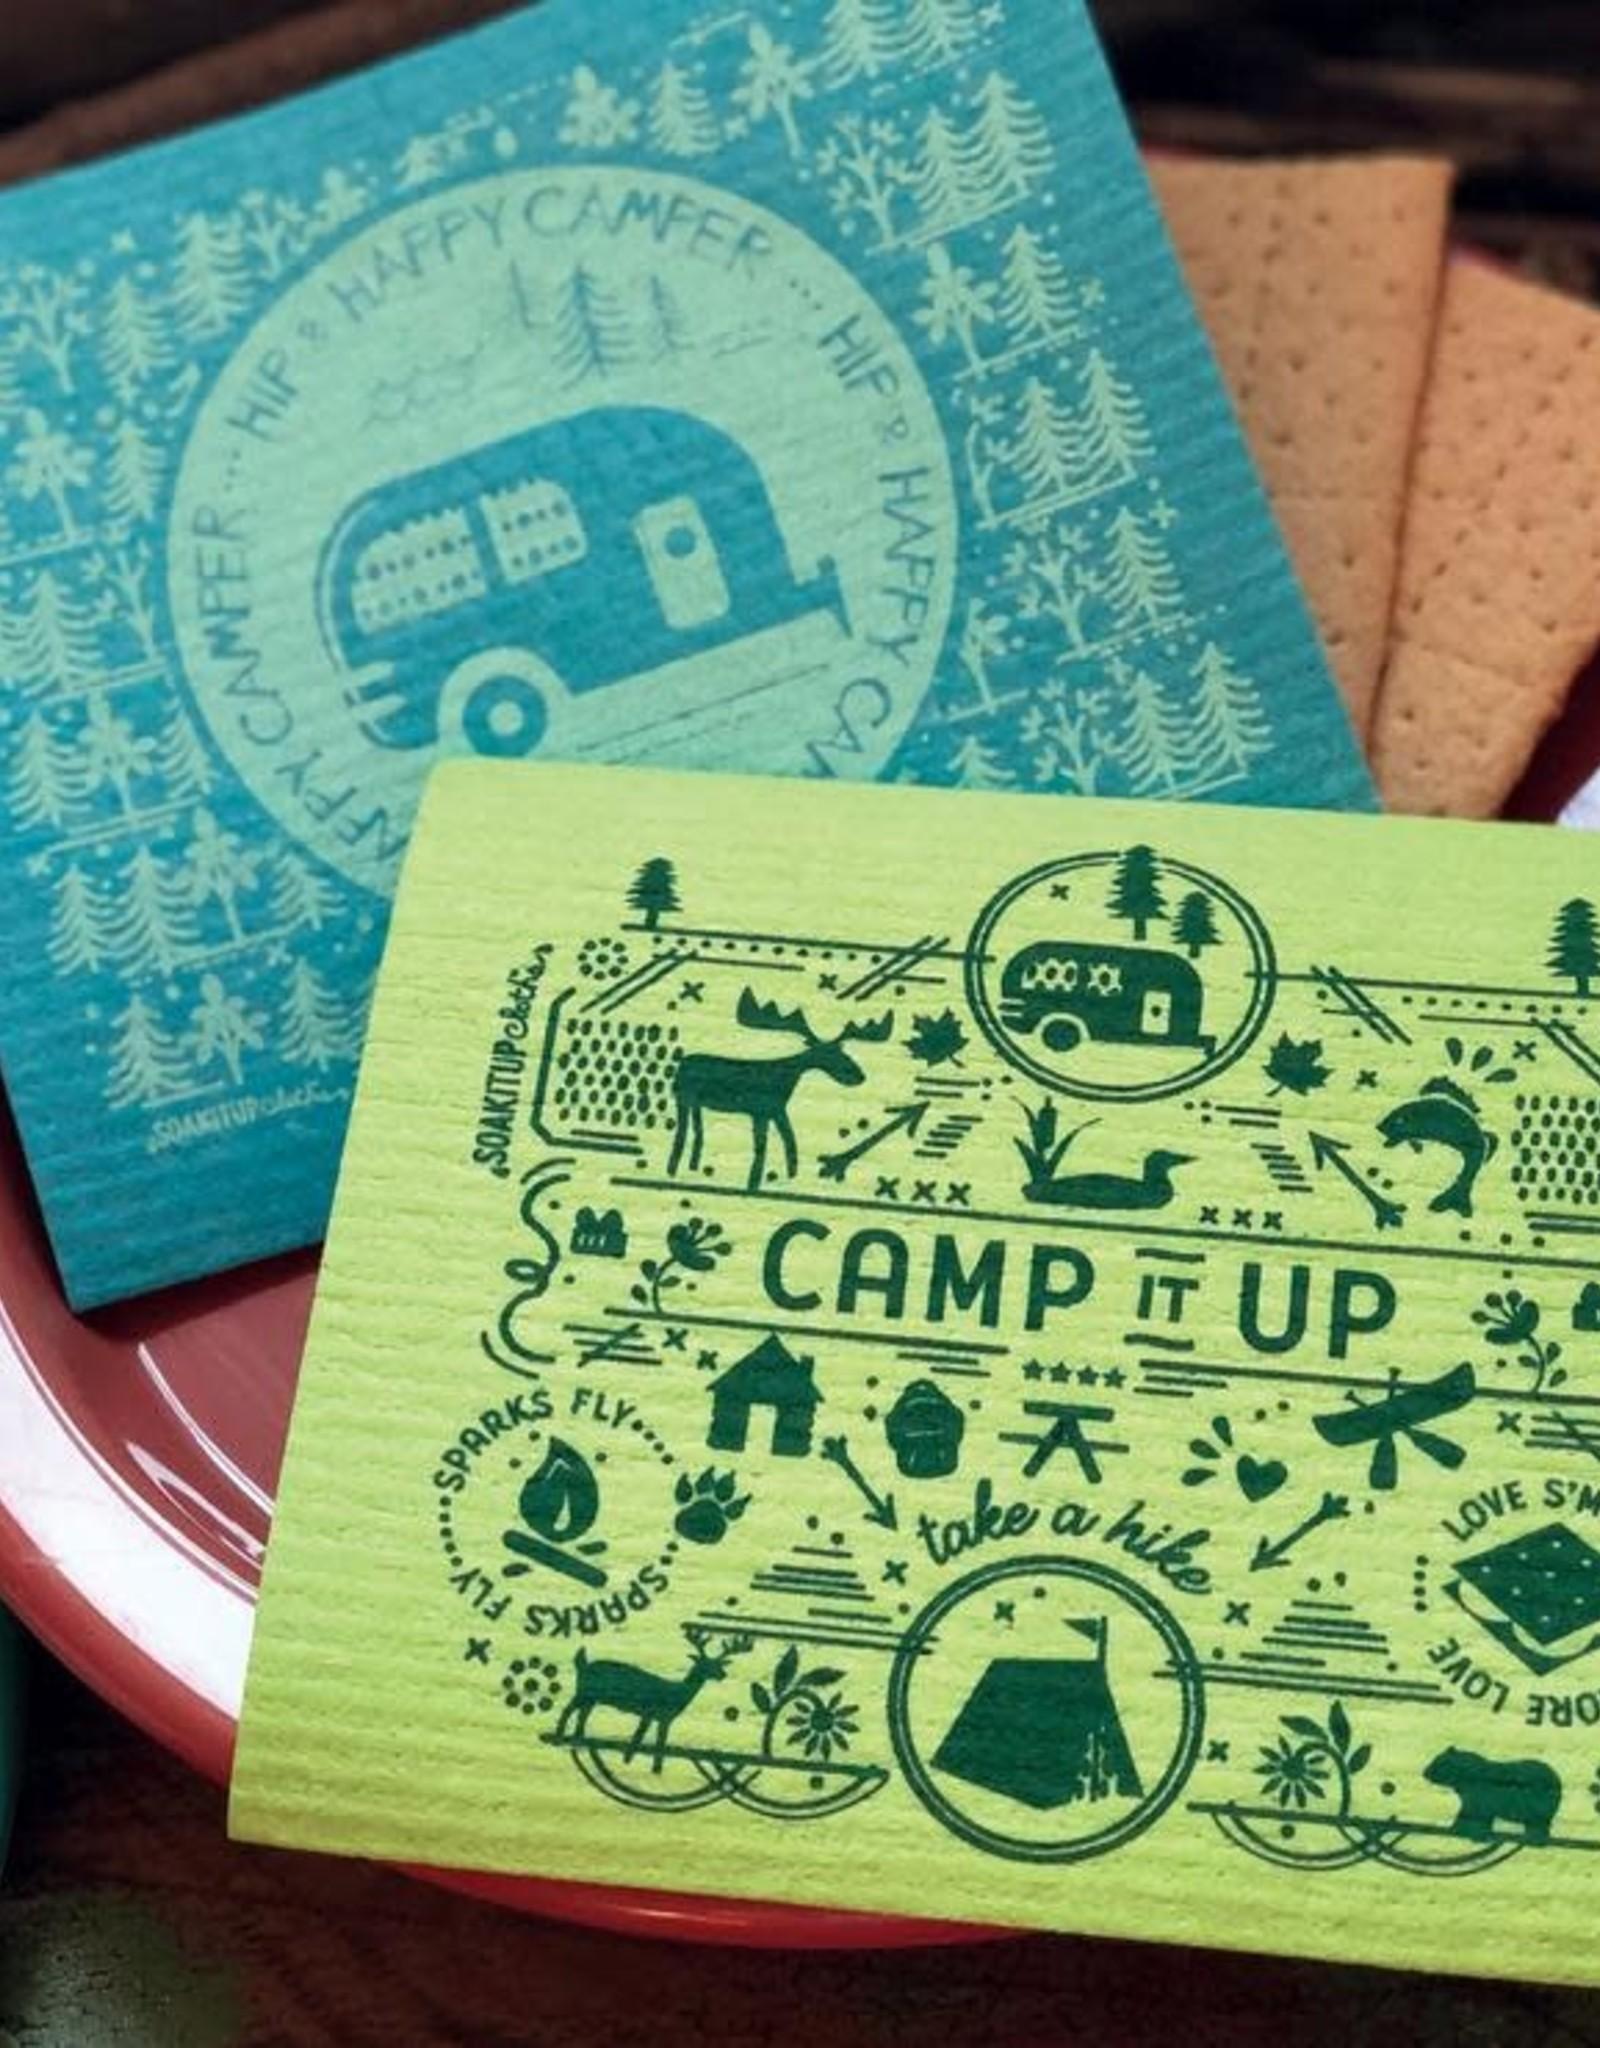 - Hip & Happy Camper Soak It Up Cloth